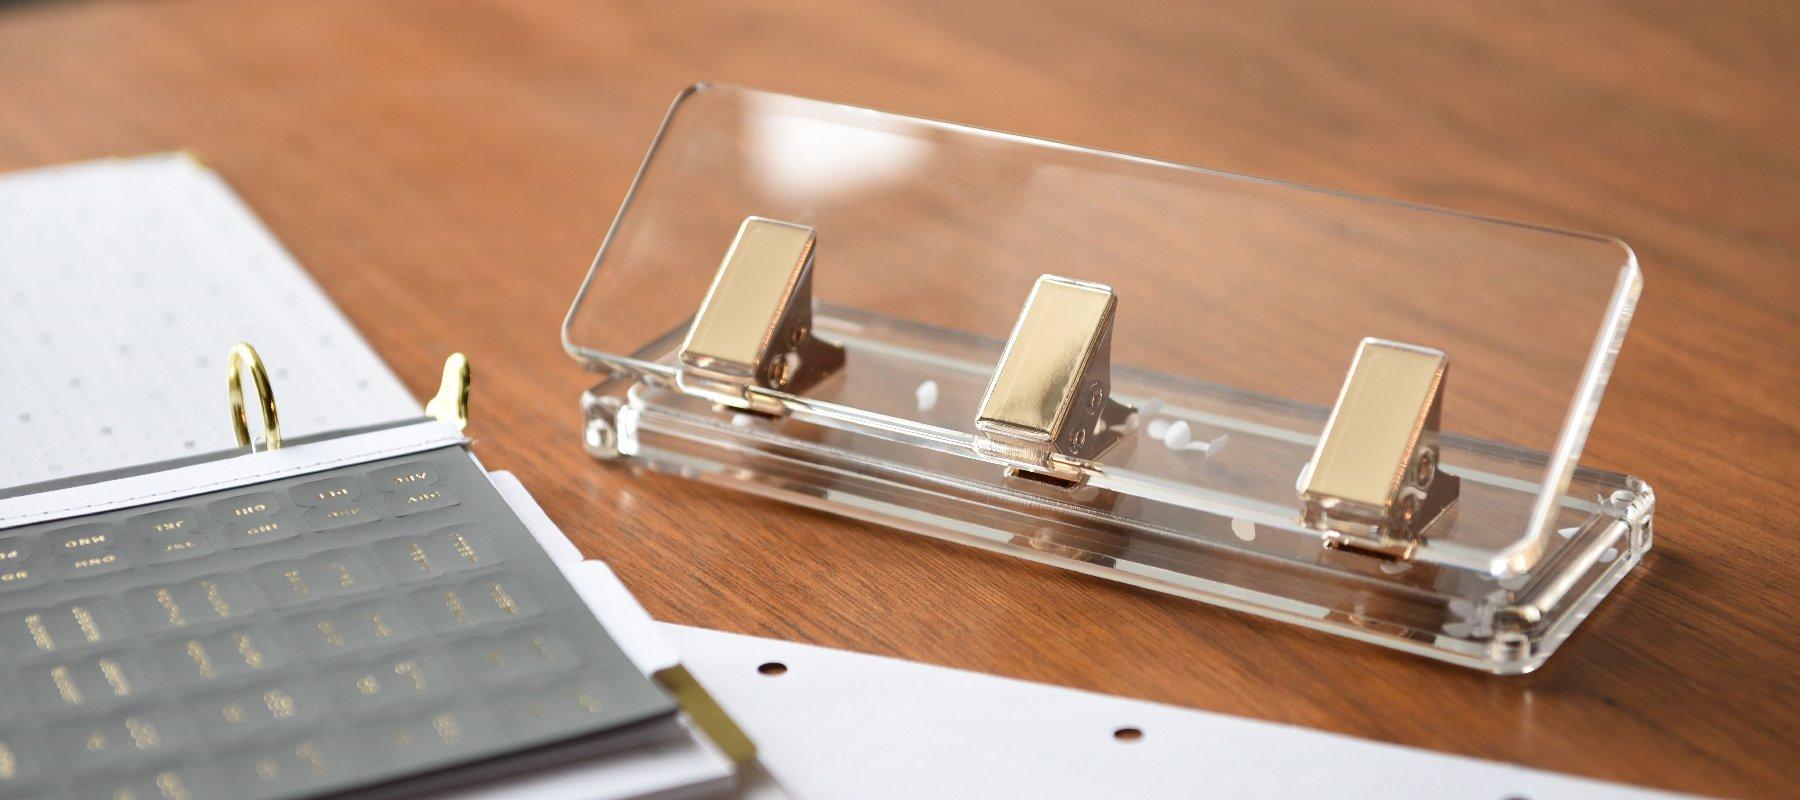 Desk Accessories - russell+hazel